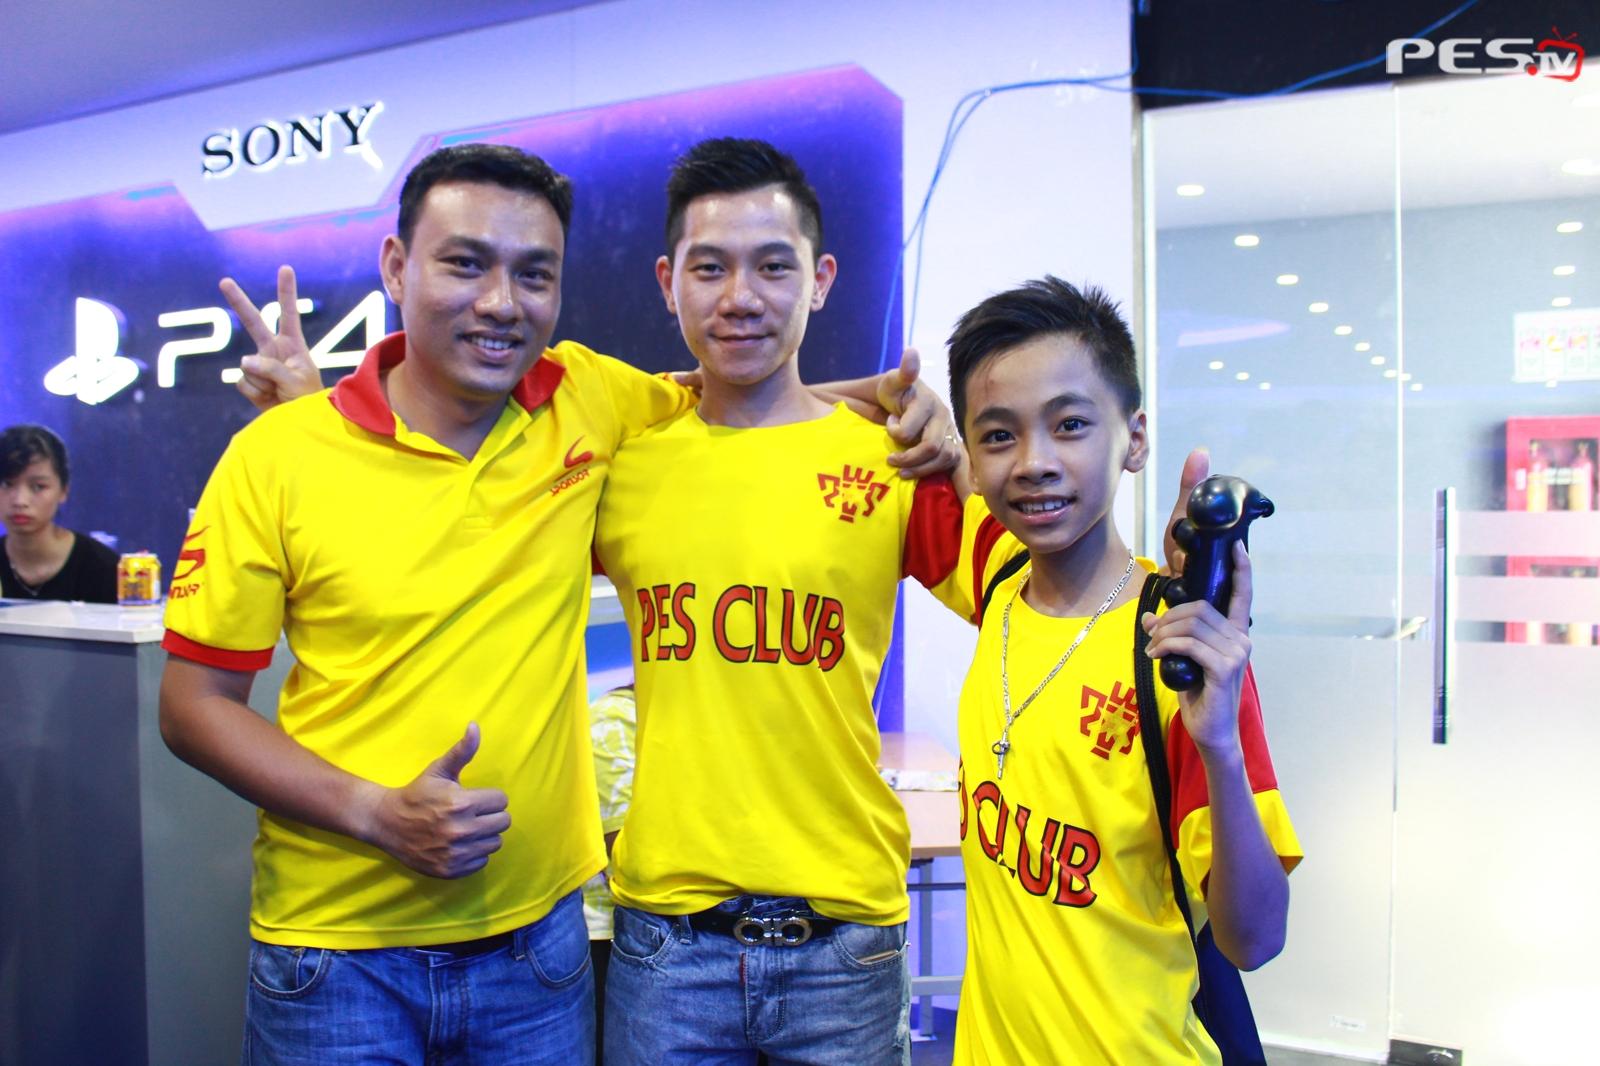 Bùi Thịnh Phát và Hiếu PES Club